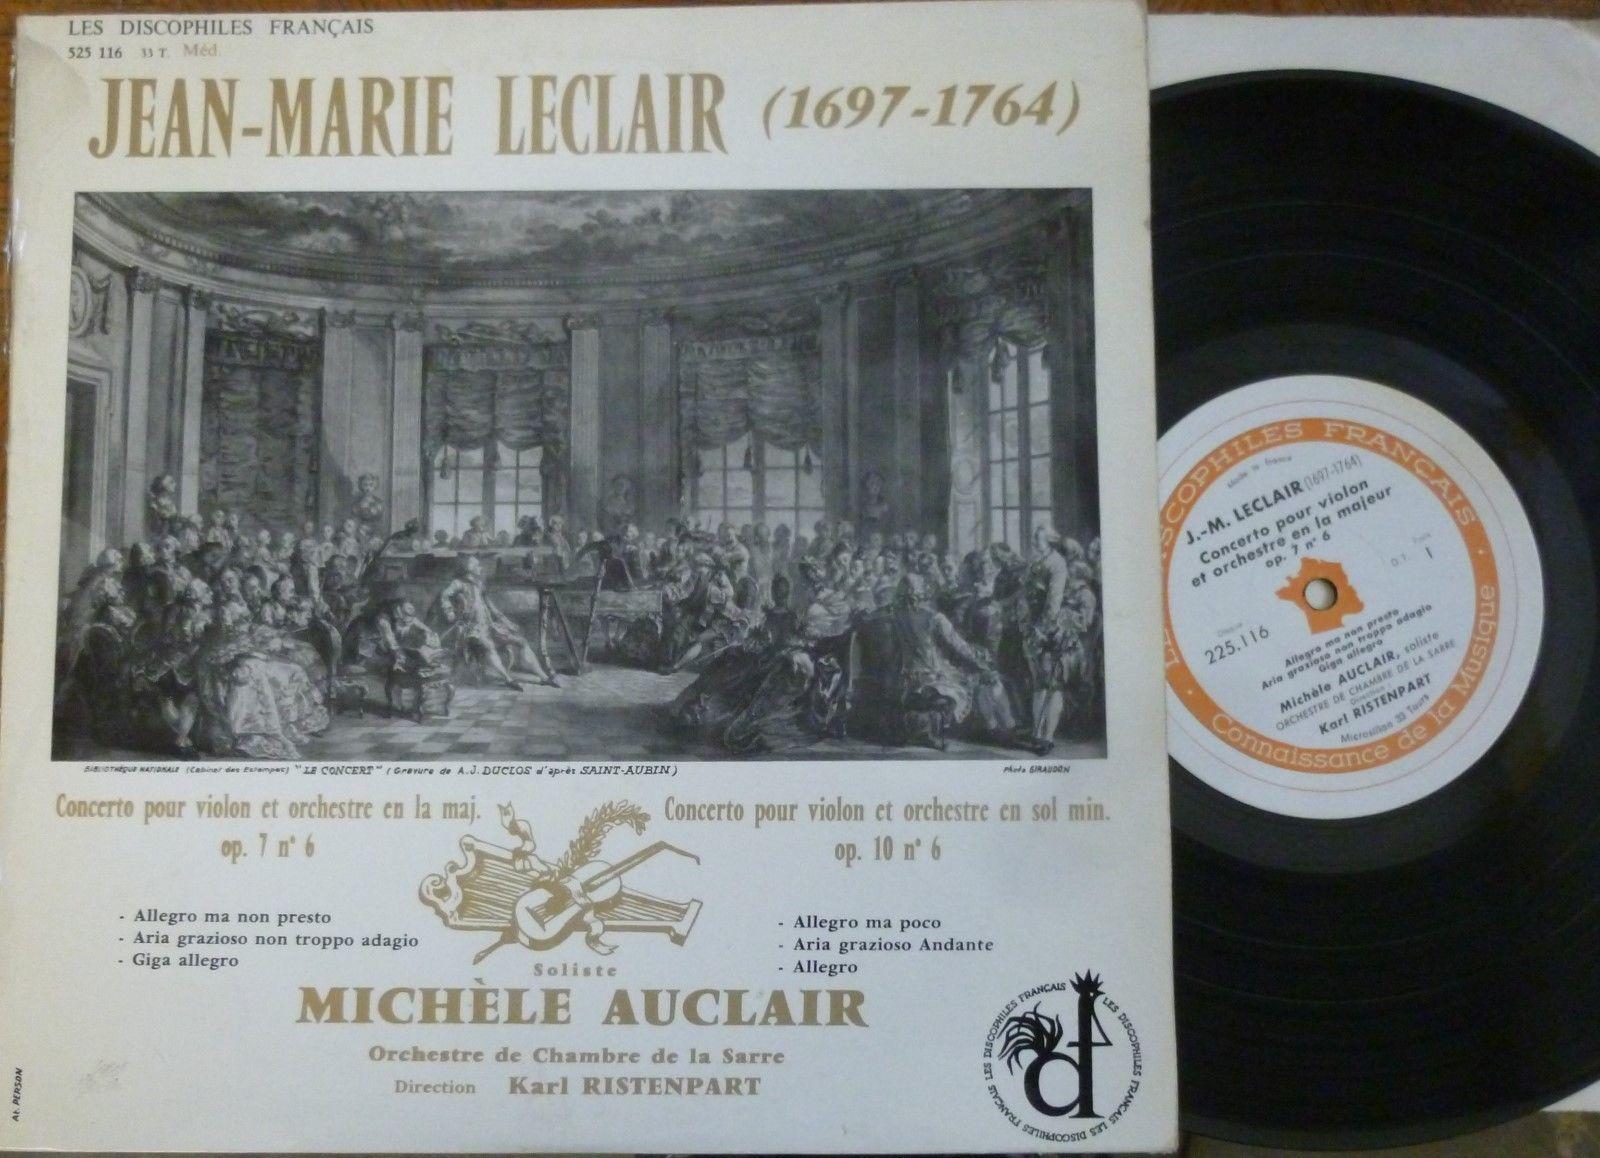 MICHELE AUCLAIR - RISTENPART / LECLAIR / LES DISCOPHILES FRANCAIS